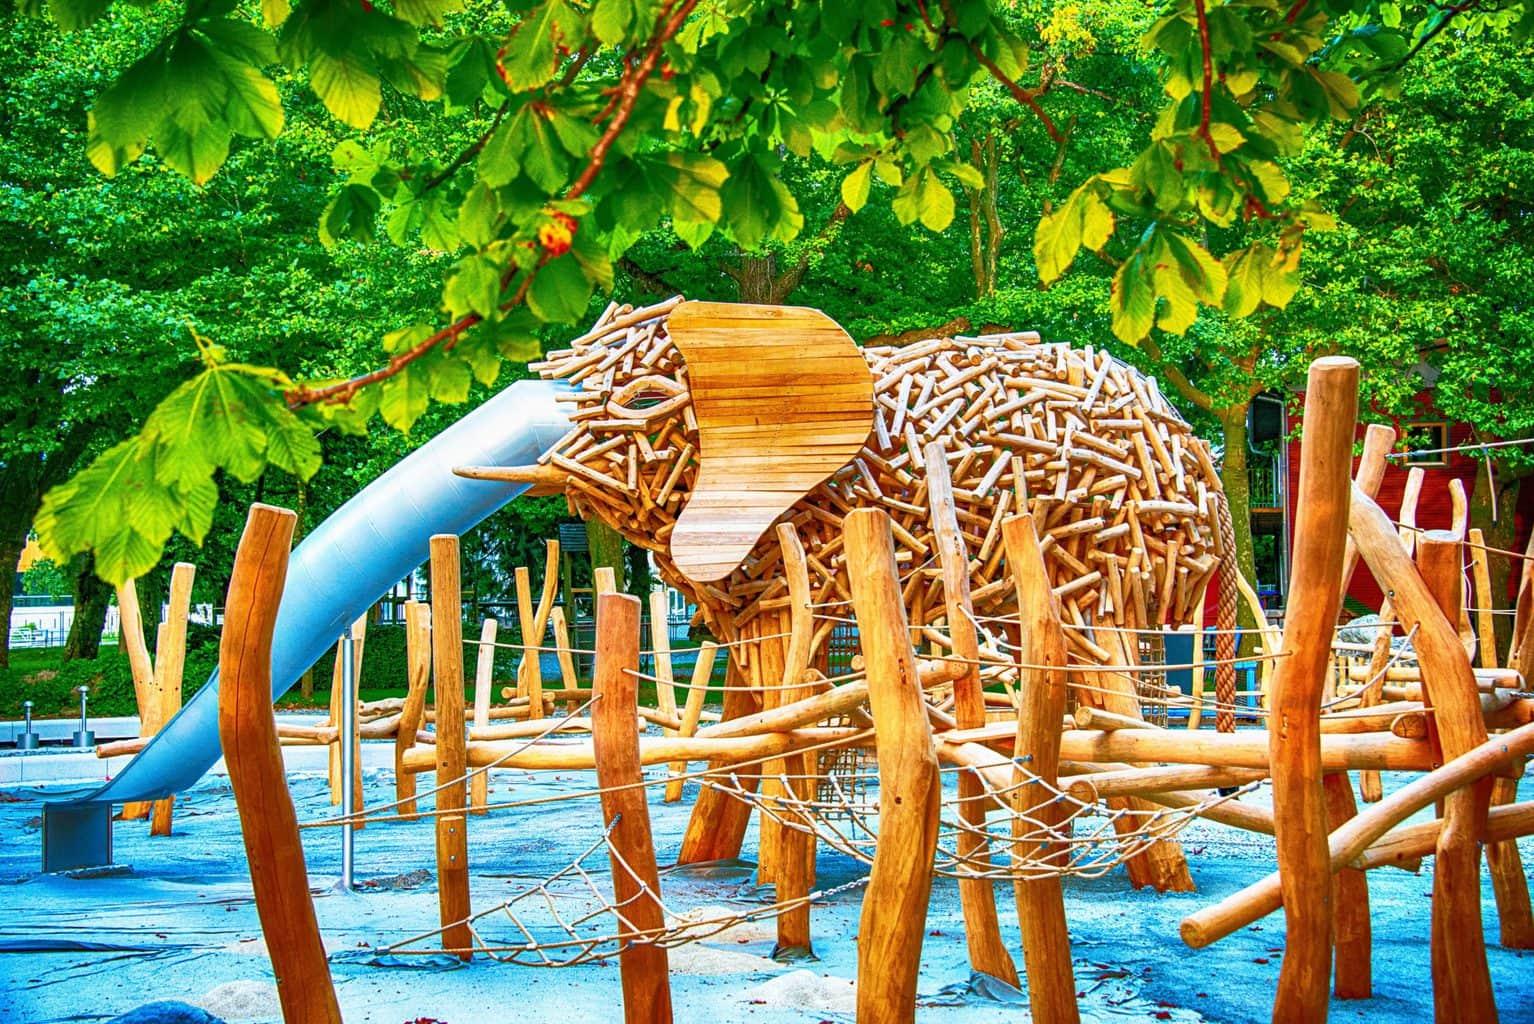 Kunstwerk van Sina Kinkelin op de Landesgartenschau in Lindau an de Bodensee